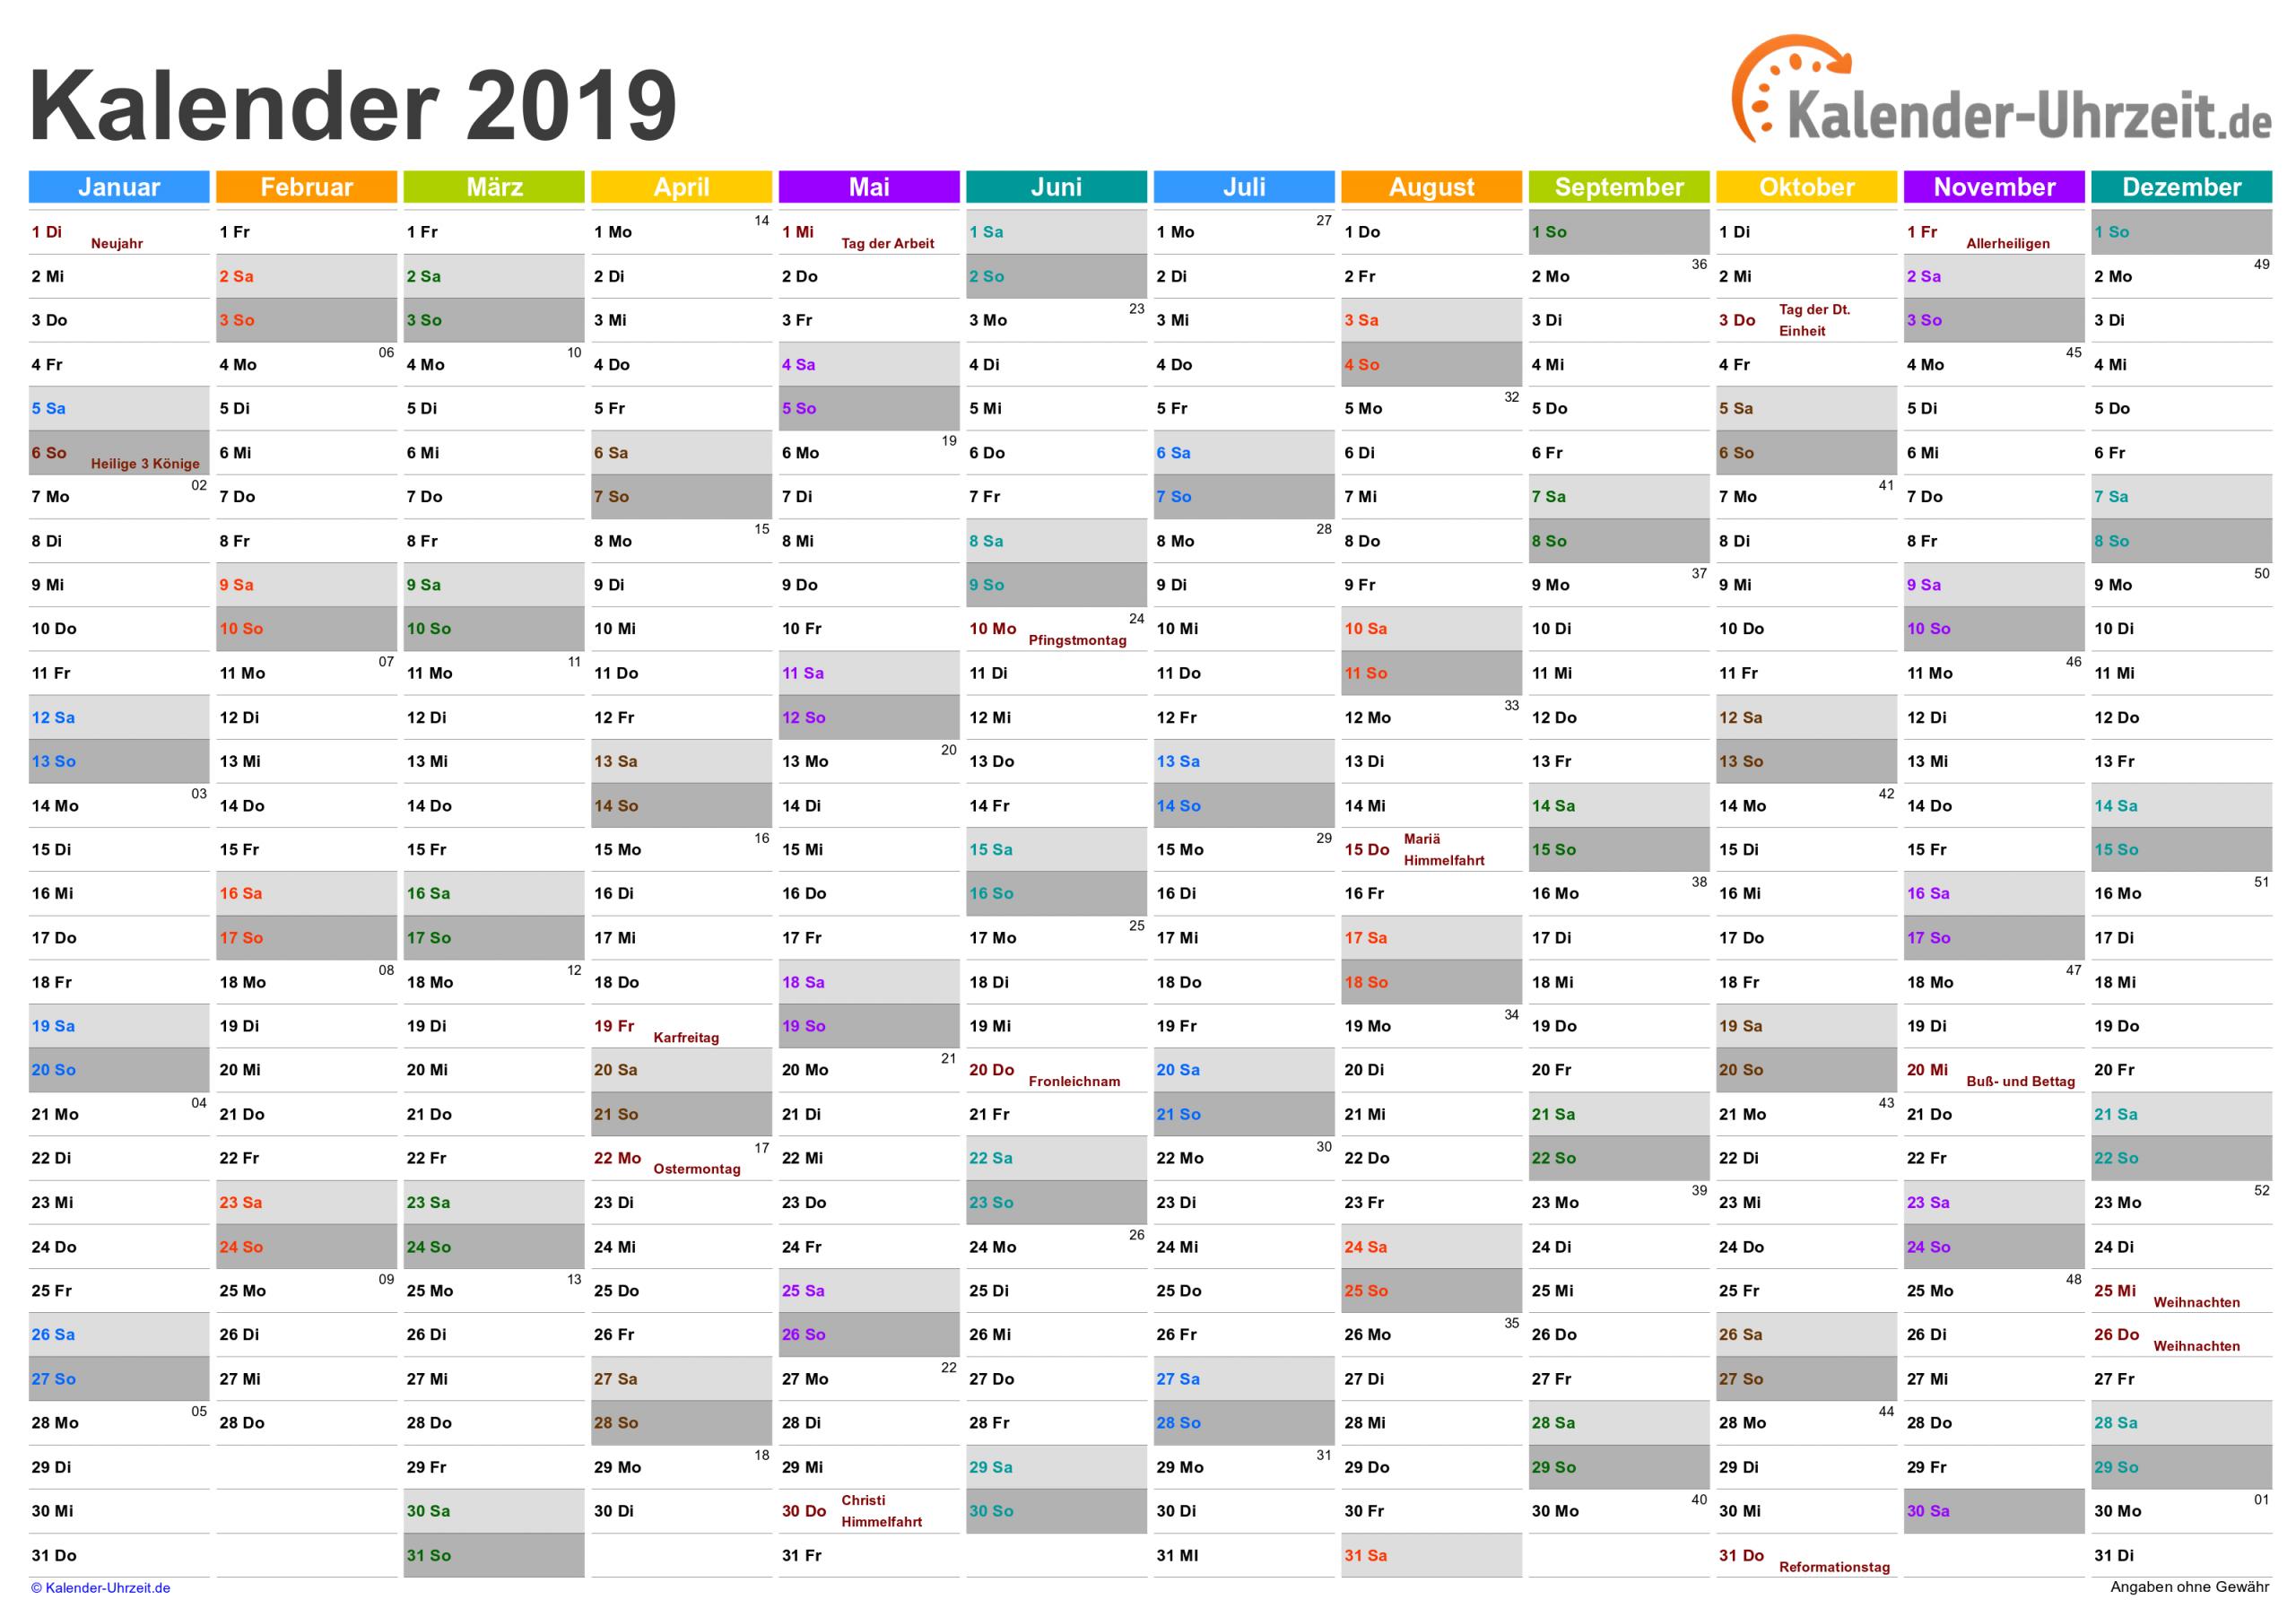 Kalender 2019 Zum Ausdrucken - Kostenlos über Kostenlose Kalender Zum Ausdrucken